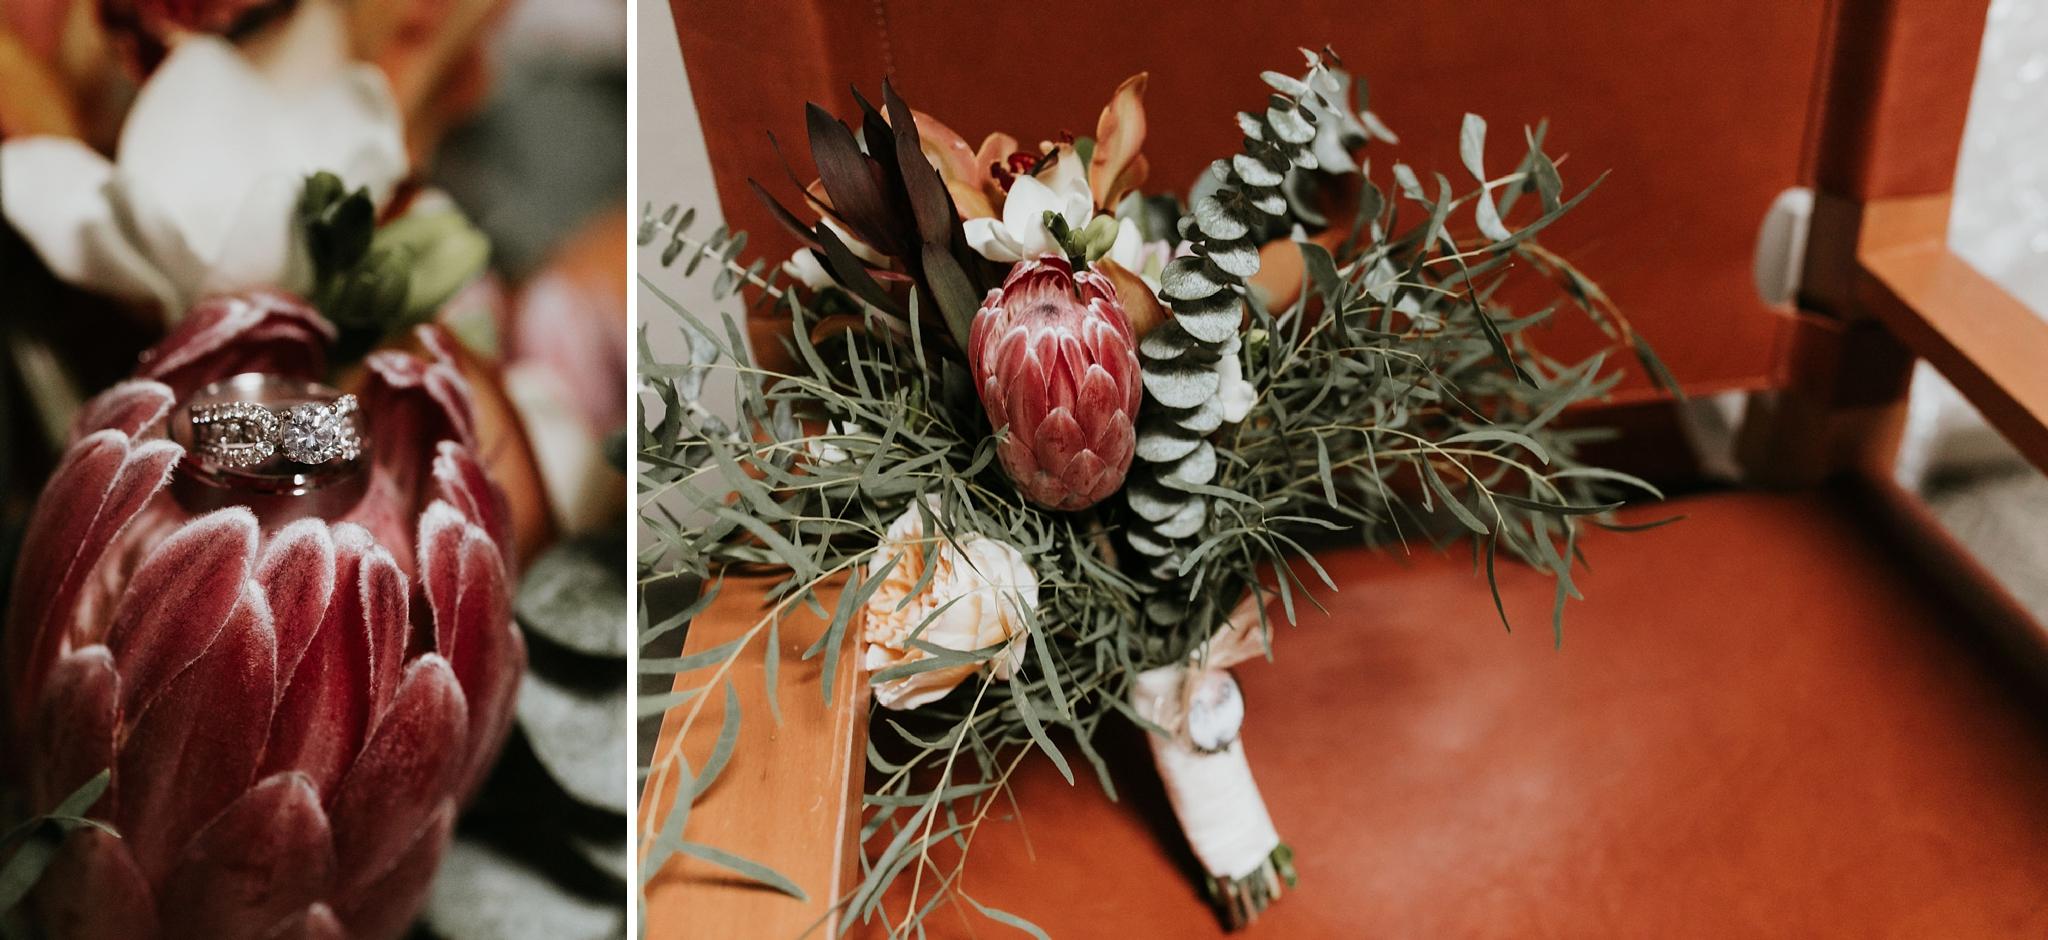 Alicia+lucia+photography+-+albuquerque+wedding+photographer+-+santa+fe+wedding+photography+-+new+mexico+wedding+photographer+-+new+mexico+wedding+-+new+mexico+wedding+-+wedding+florals+-+desert+wedding+-+wedding+trends_0002.jpg